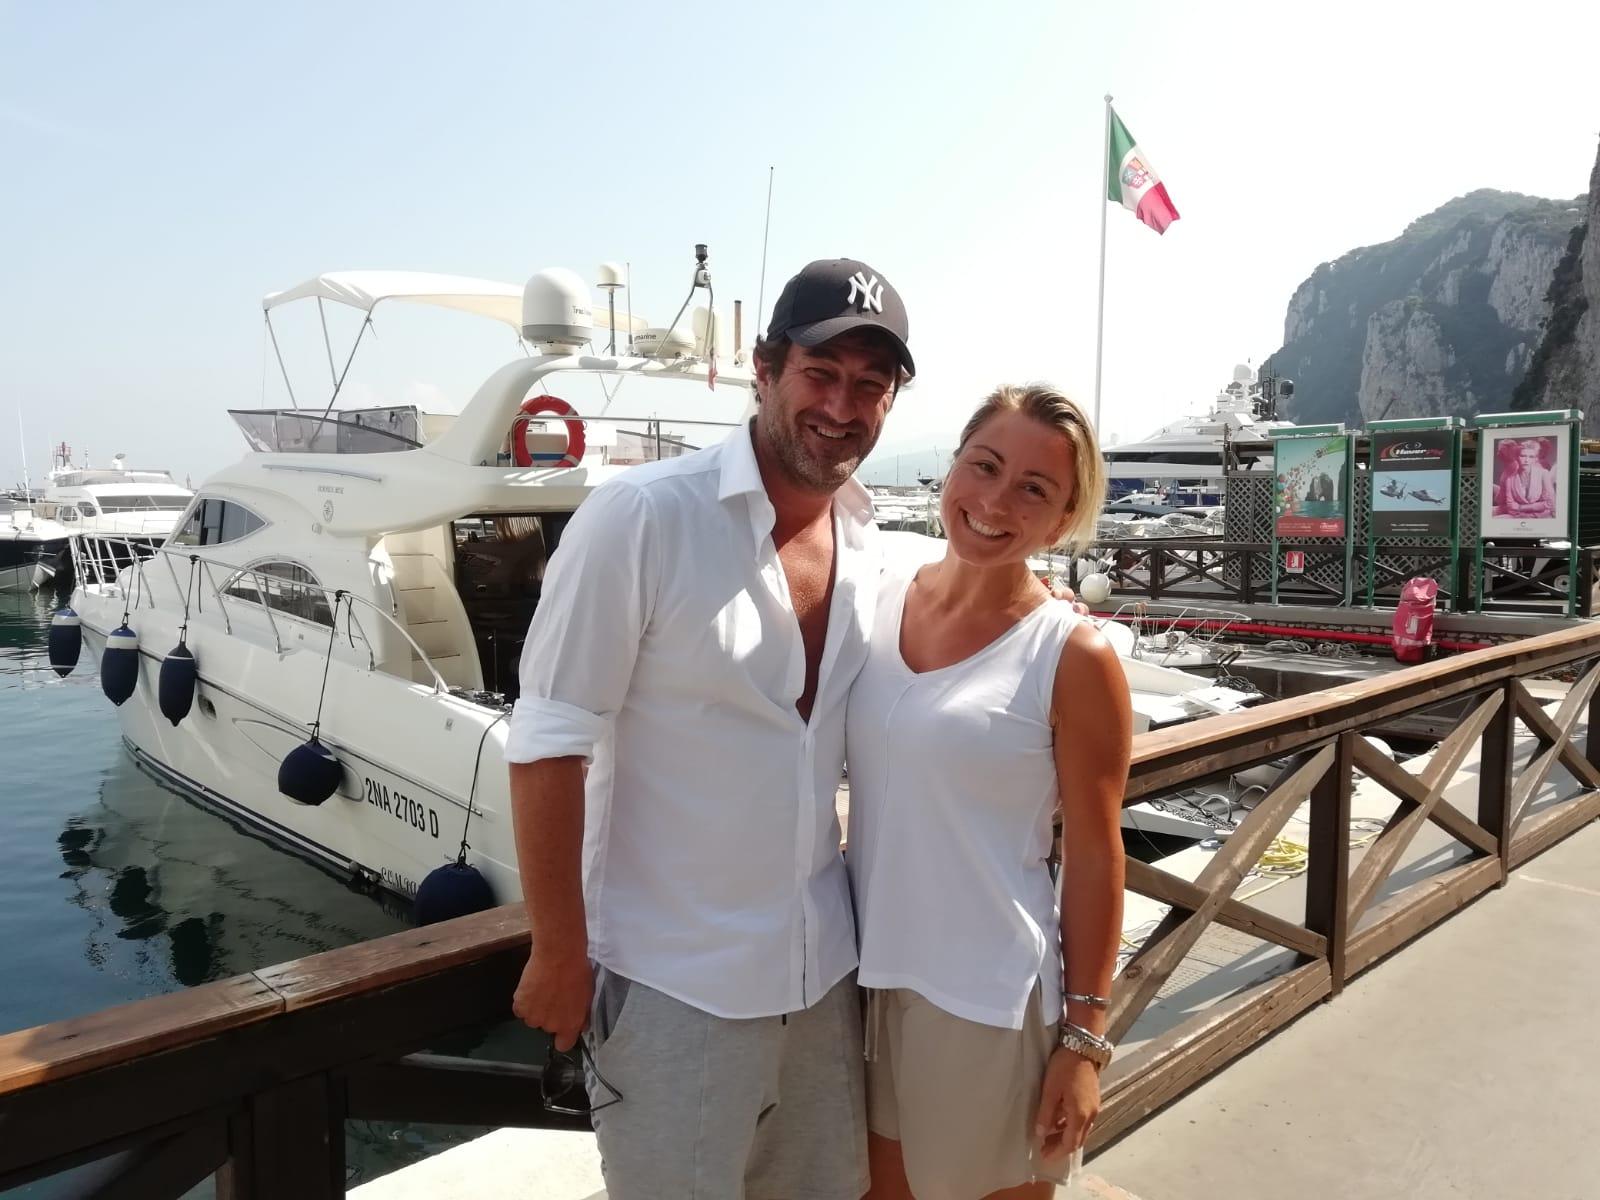 Ciro Ferrara in Vacanza a Capri, La foto con lo staff del Porto Turistico di Capri